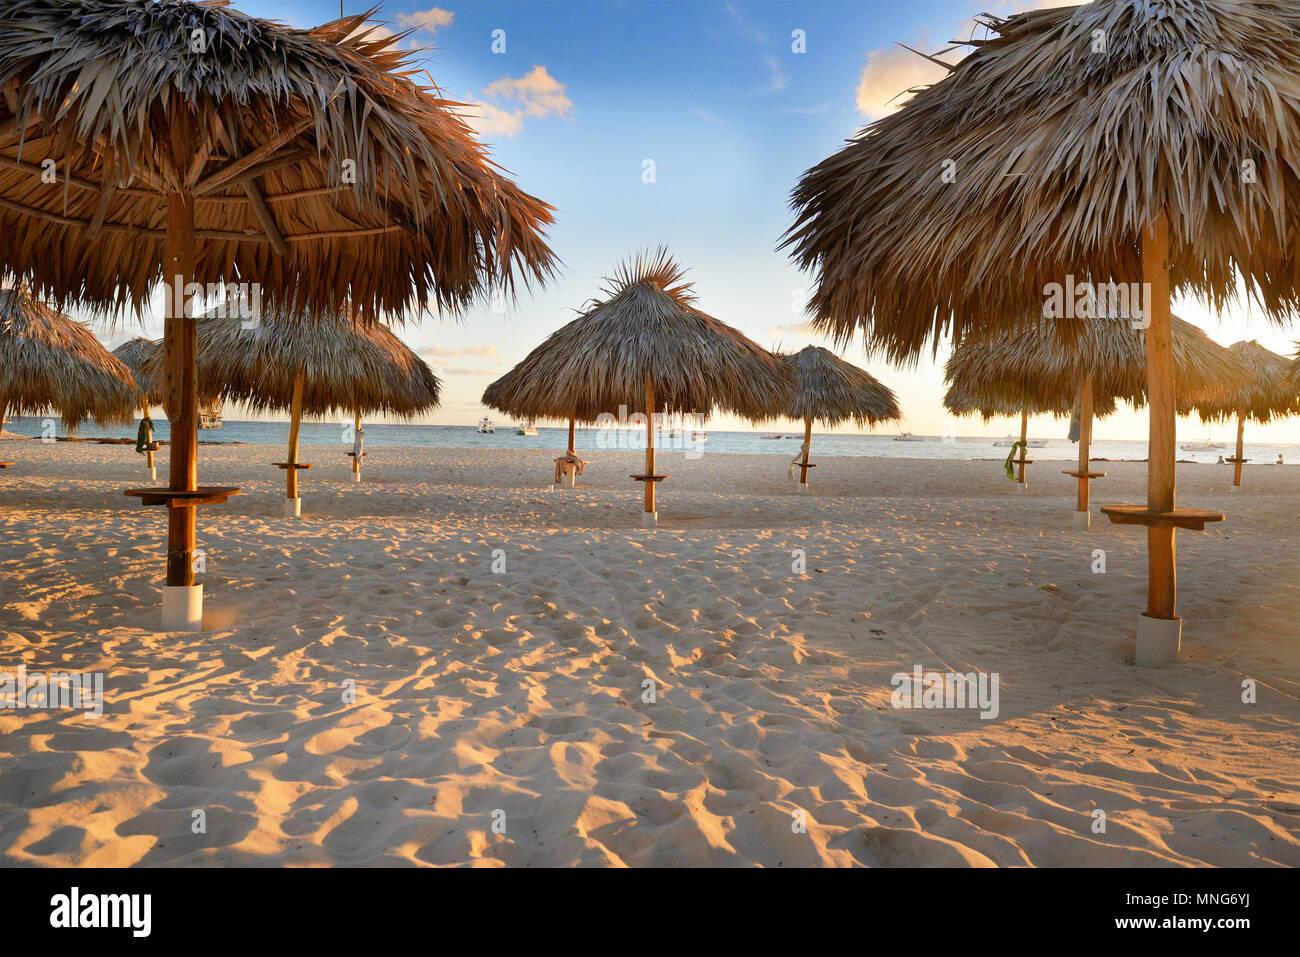 Increíble vacaciones tropicales. Las sombrillas en la playa. Paraíso Tropical. Caribe. Punta Cana. República Dominicana Imagen De Stock